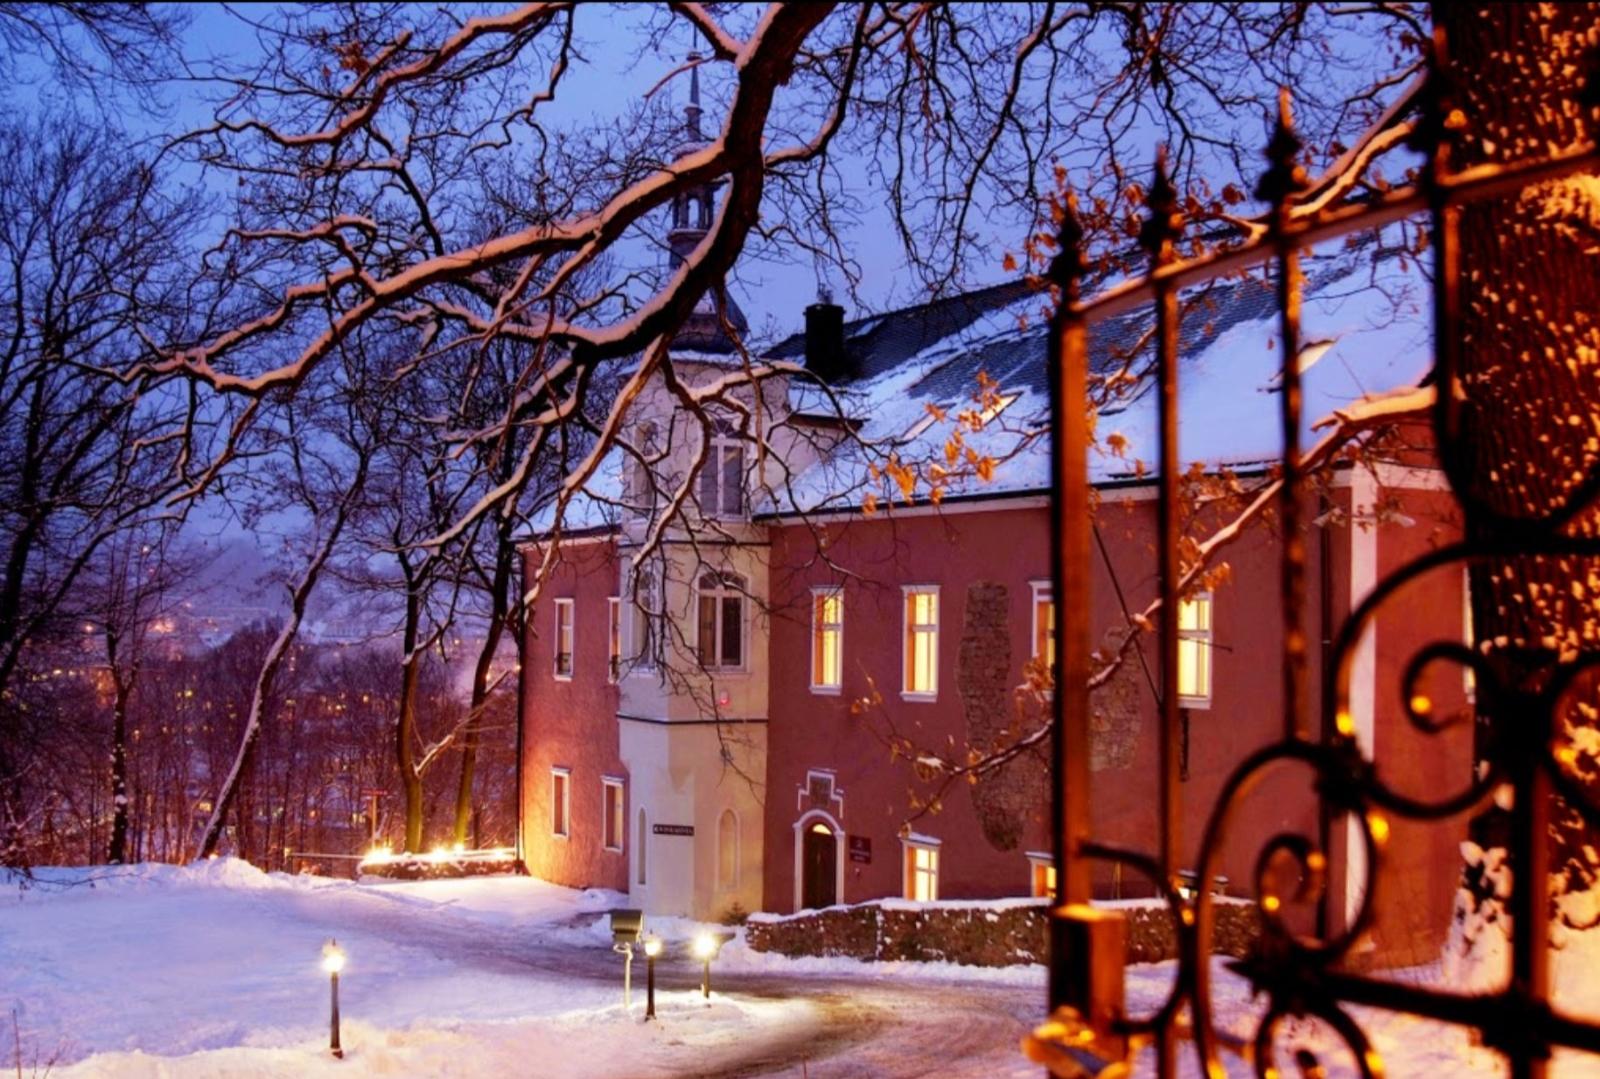 Abenteuer4x4 - Hoteltour im Winter - Das Hotel.